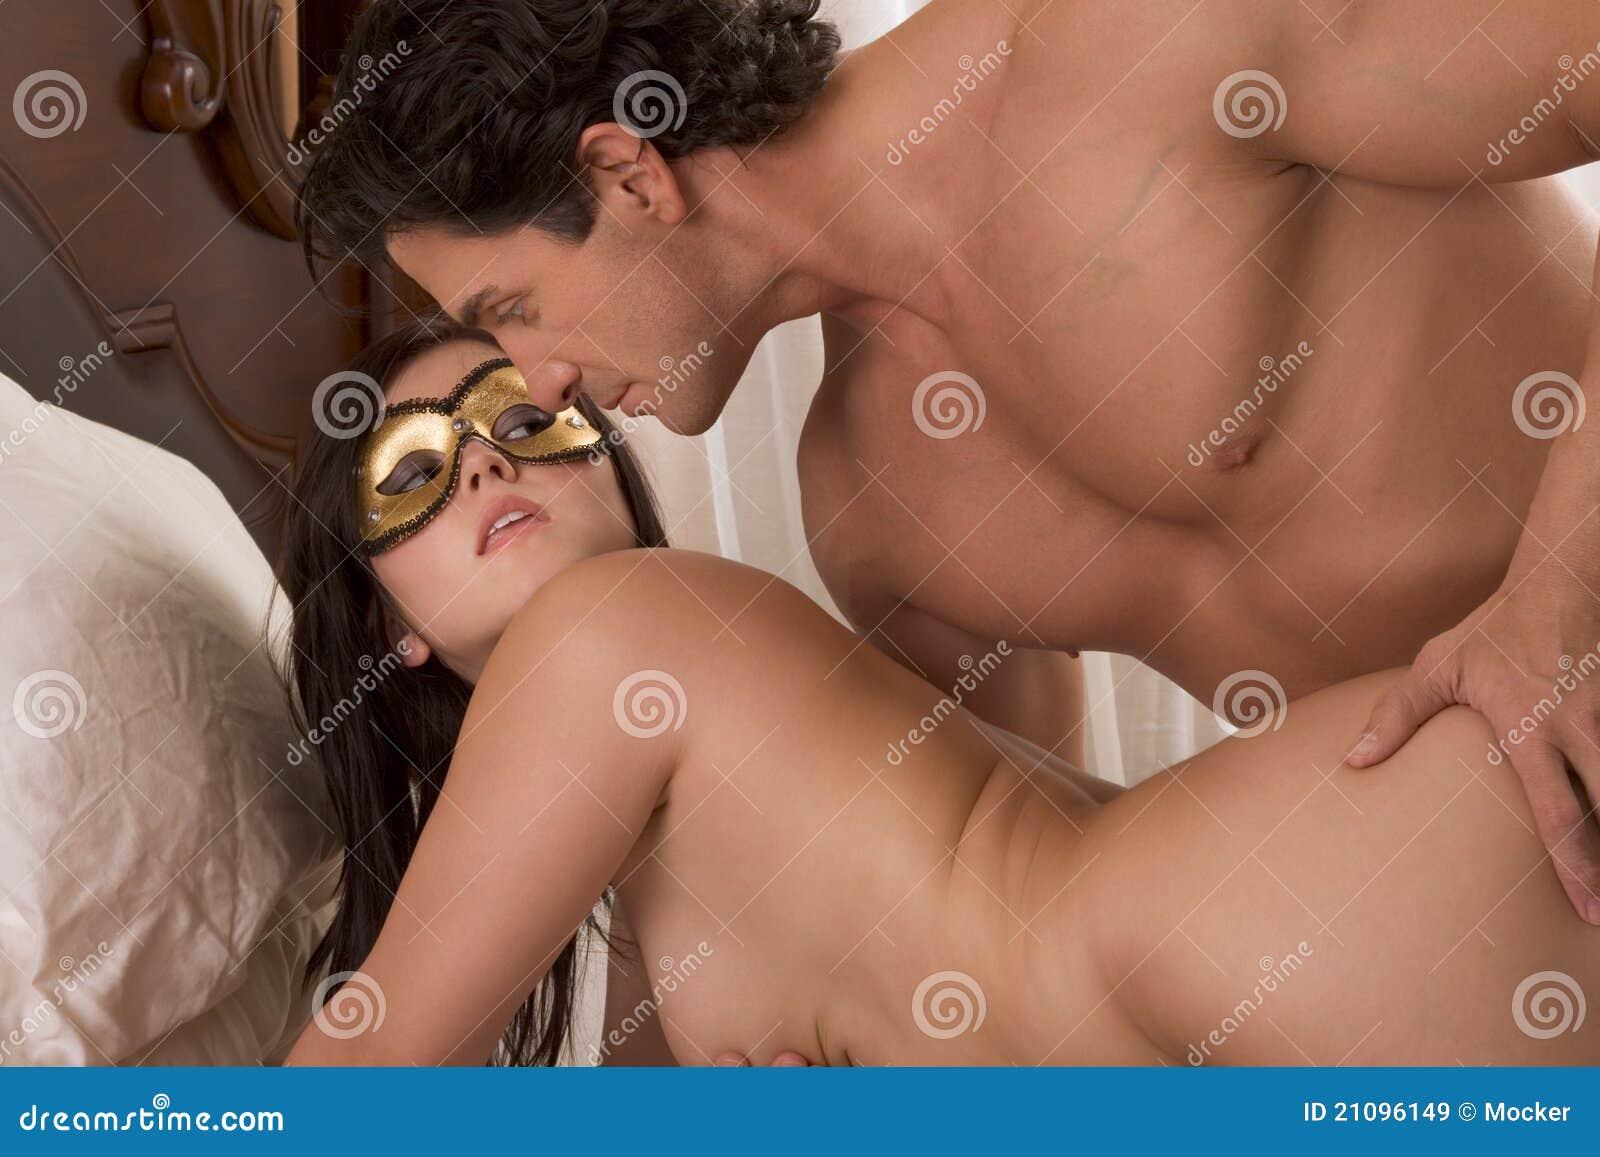 Современный анальный секс 9 фотография